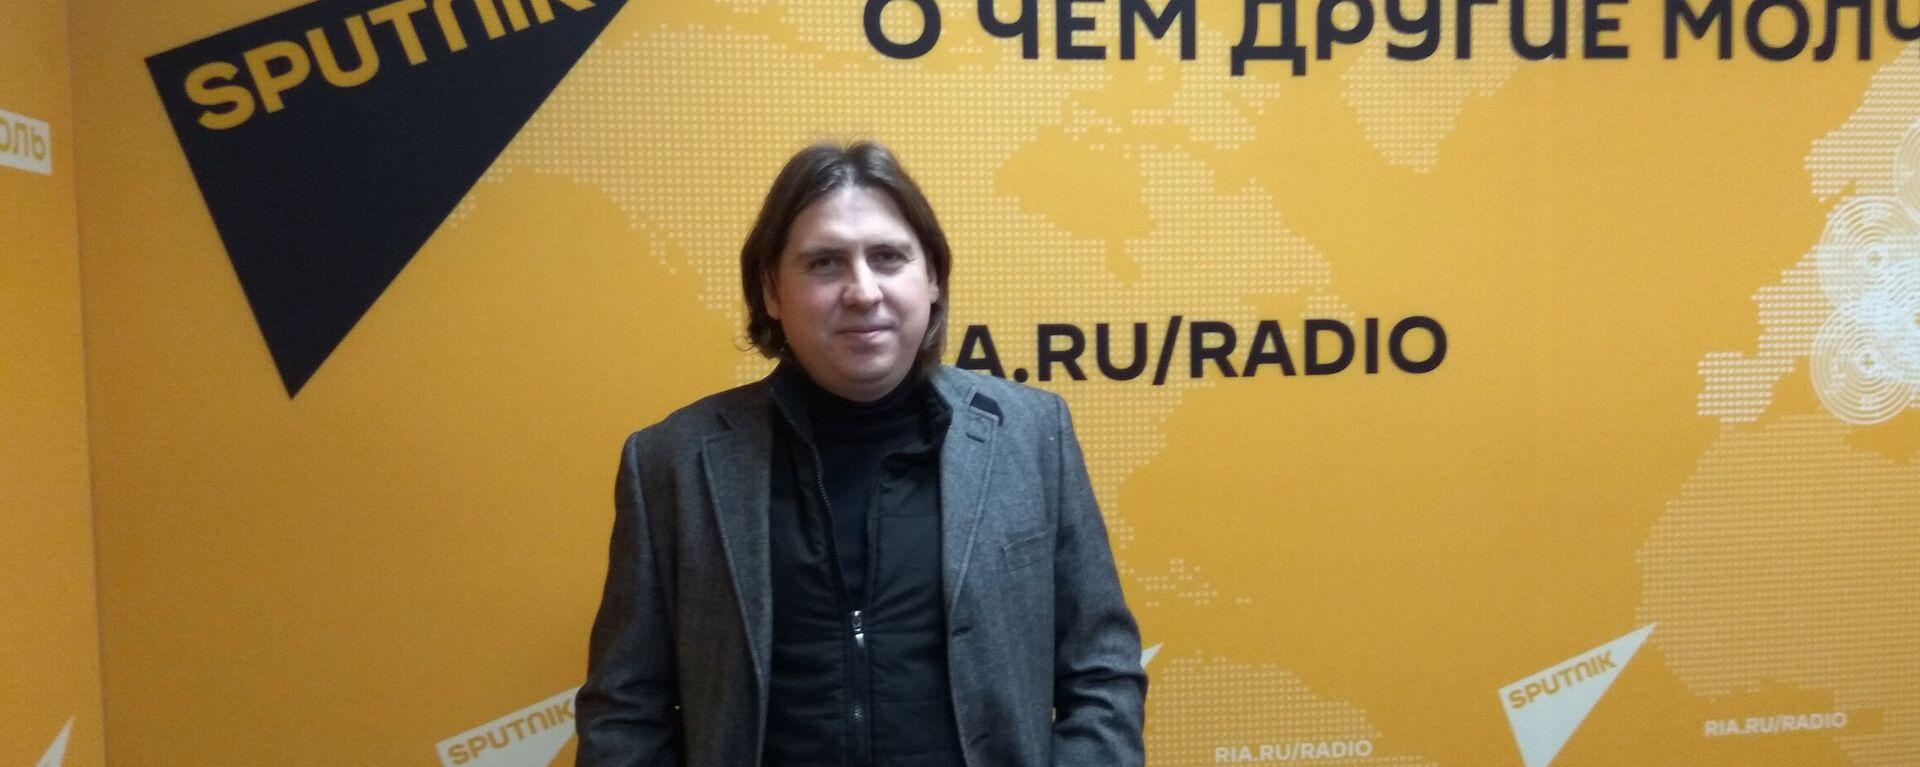 Алексей Гривач  - Sputnik Латвия, 1920, 06.04.2021